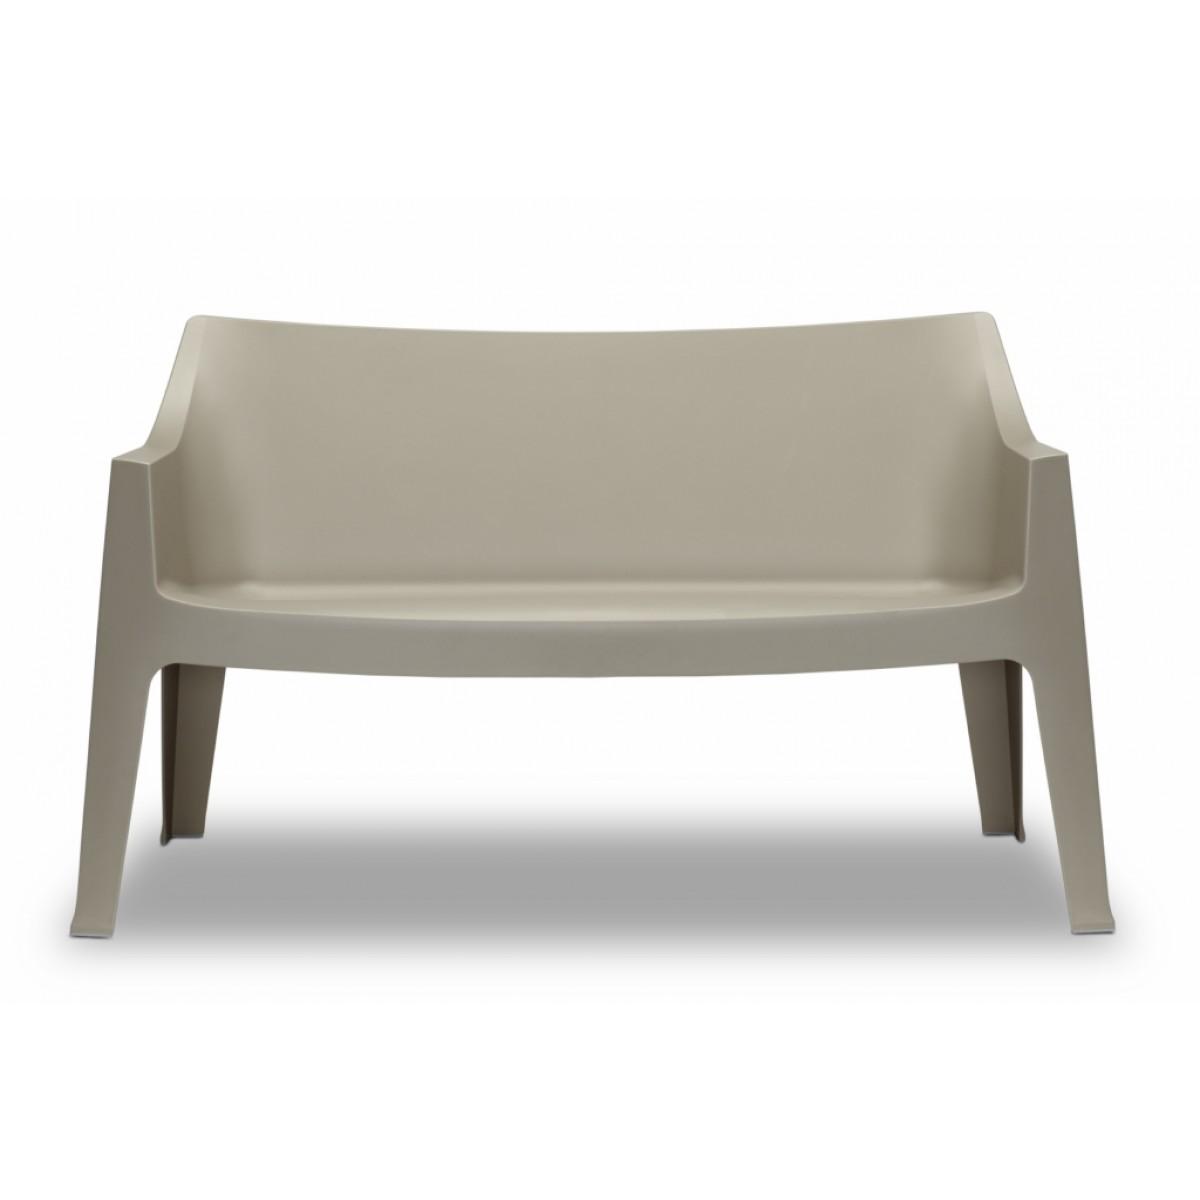 Design stuhl sessel aus kunststoff outdoor for Design stuhl kunststoff